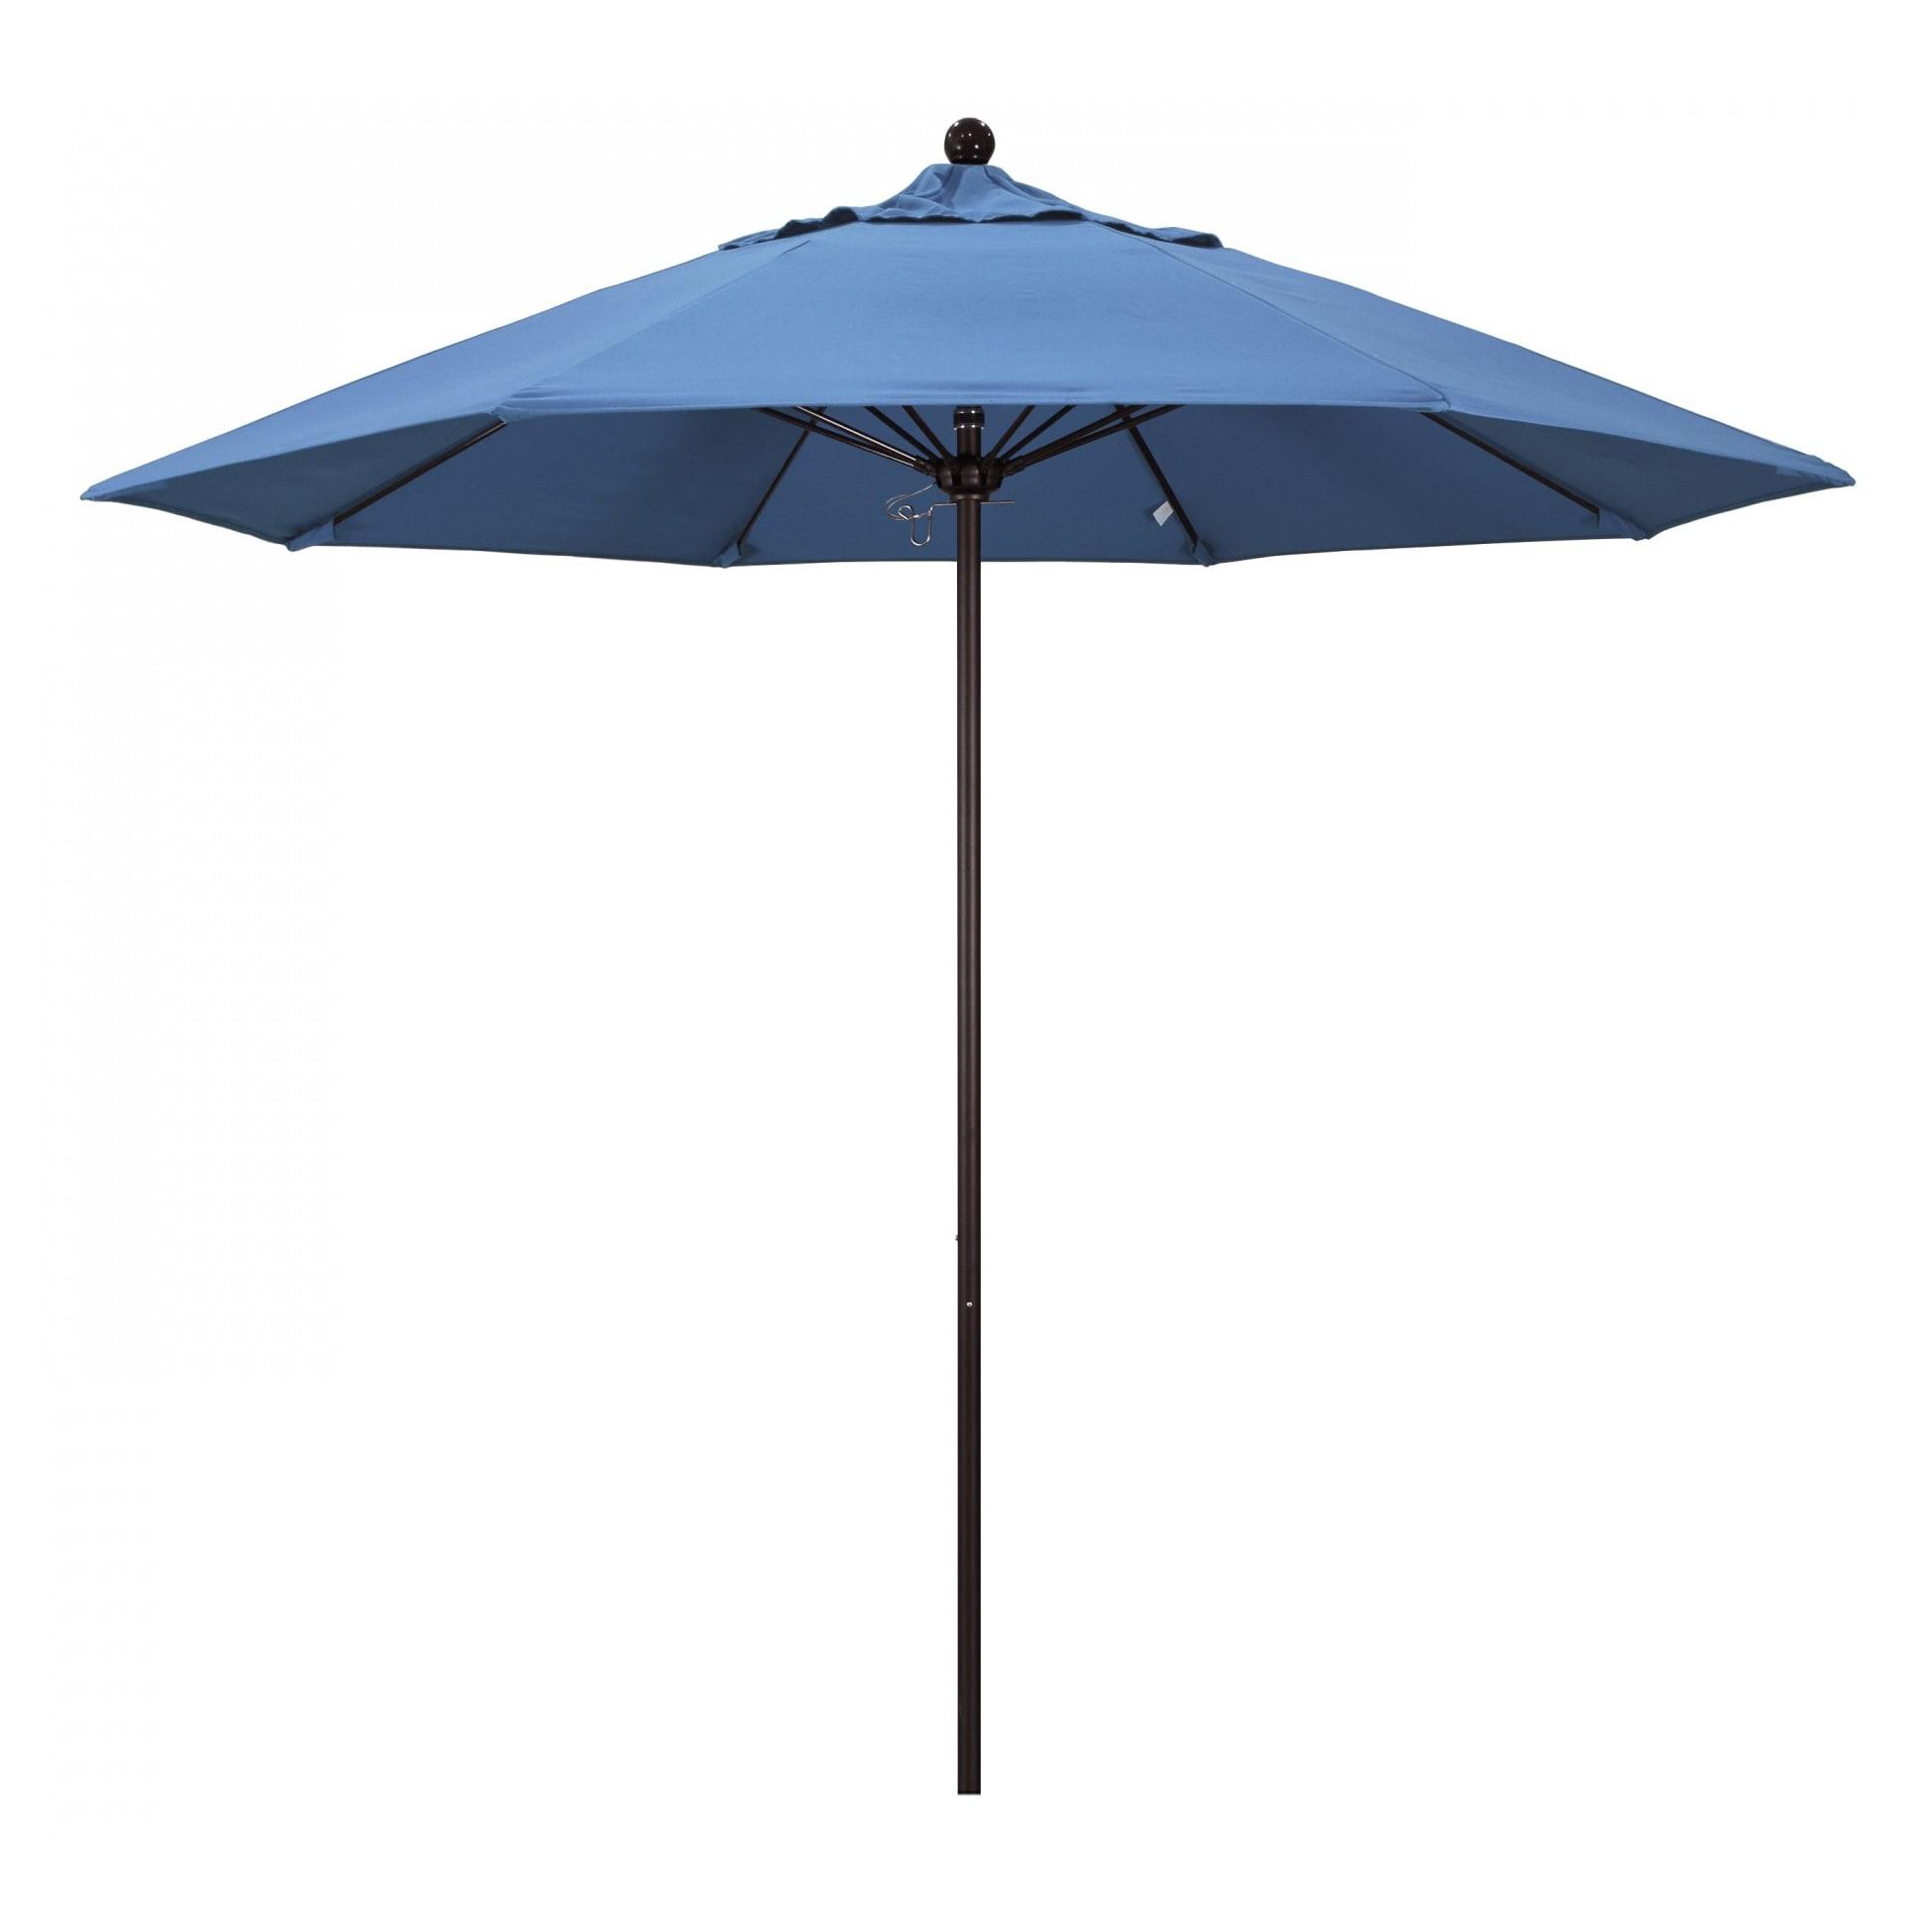 11 ft Casey Aluminum Commercial Umbrella